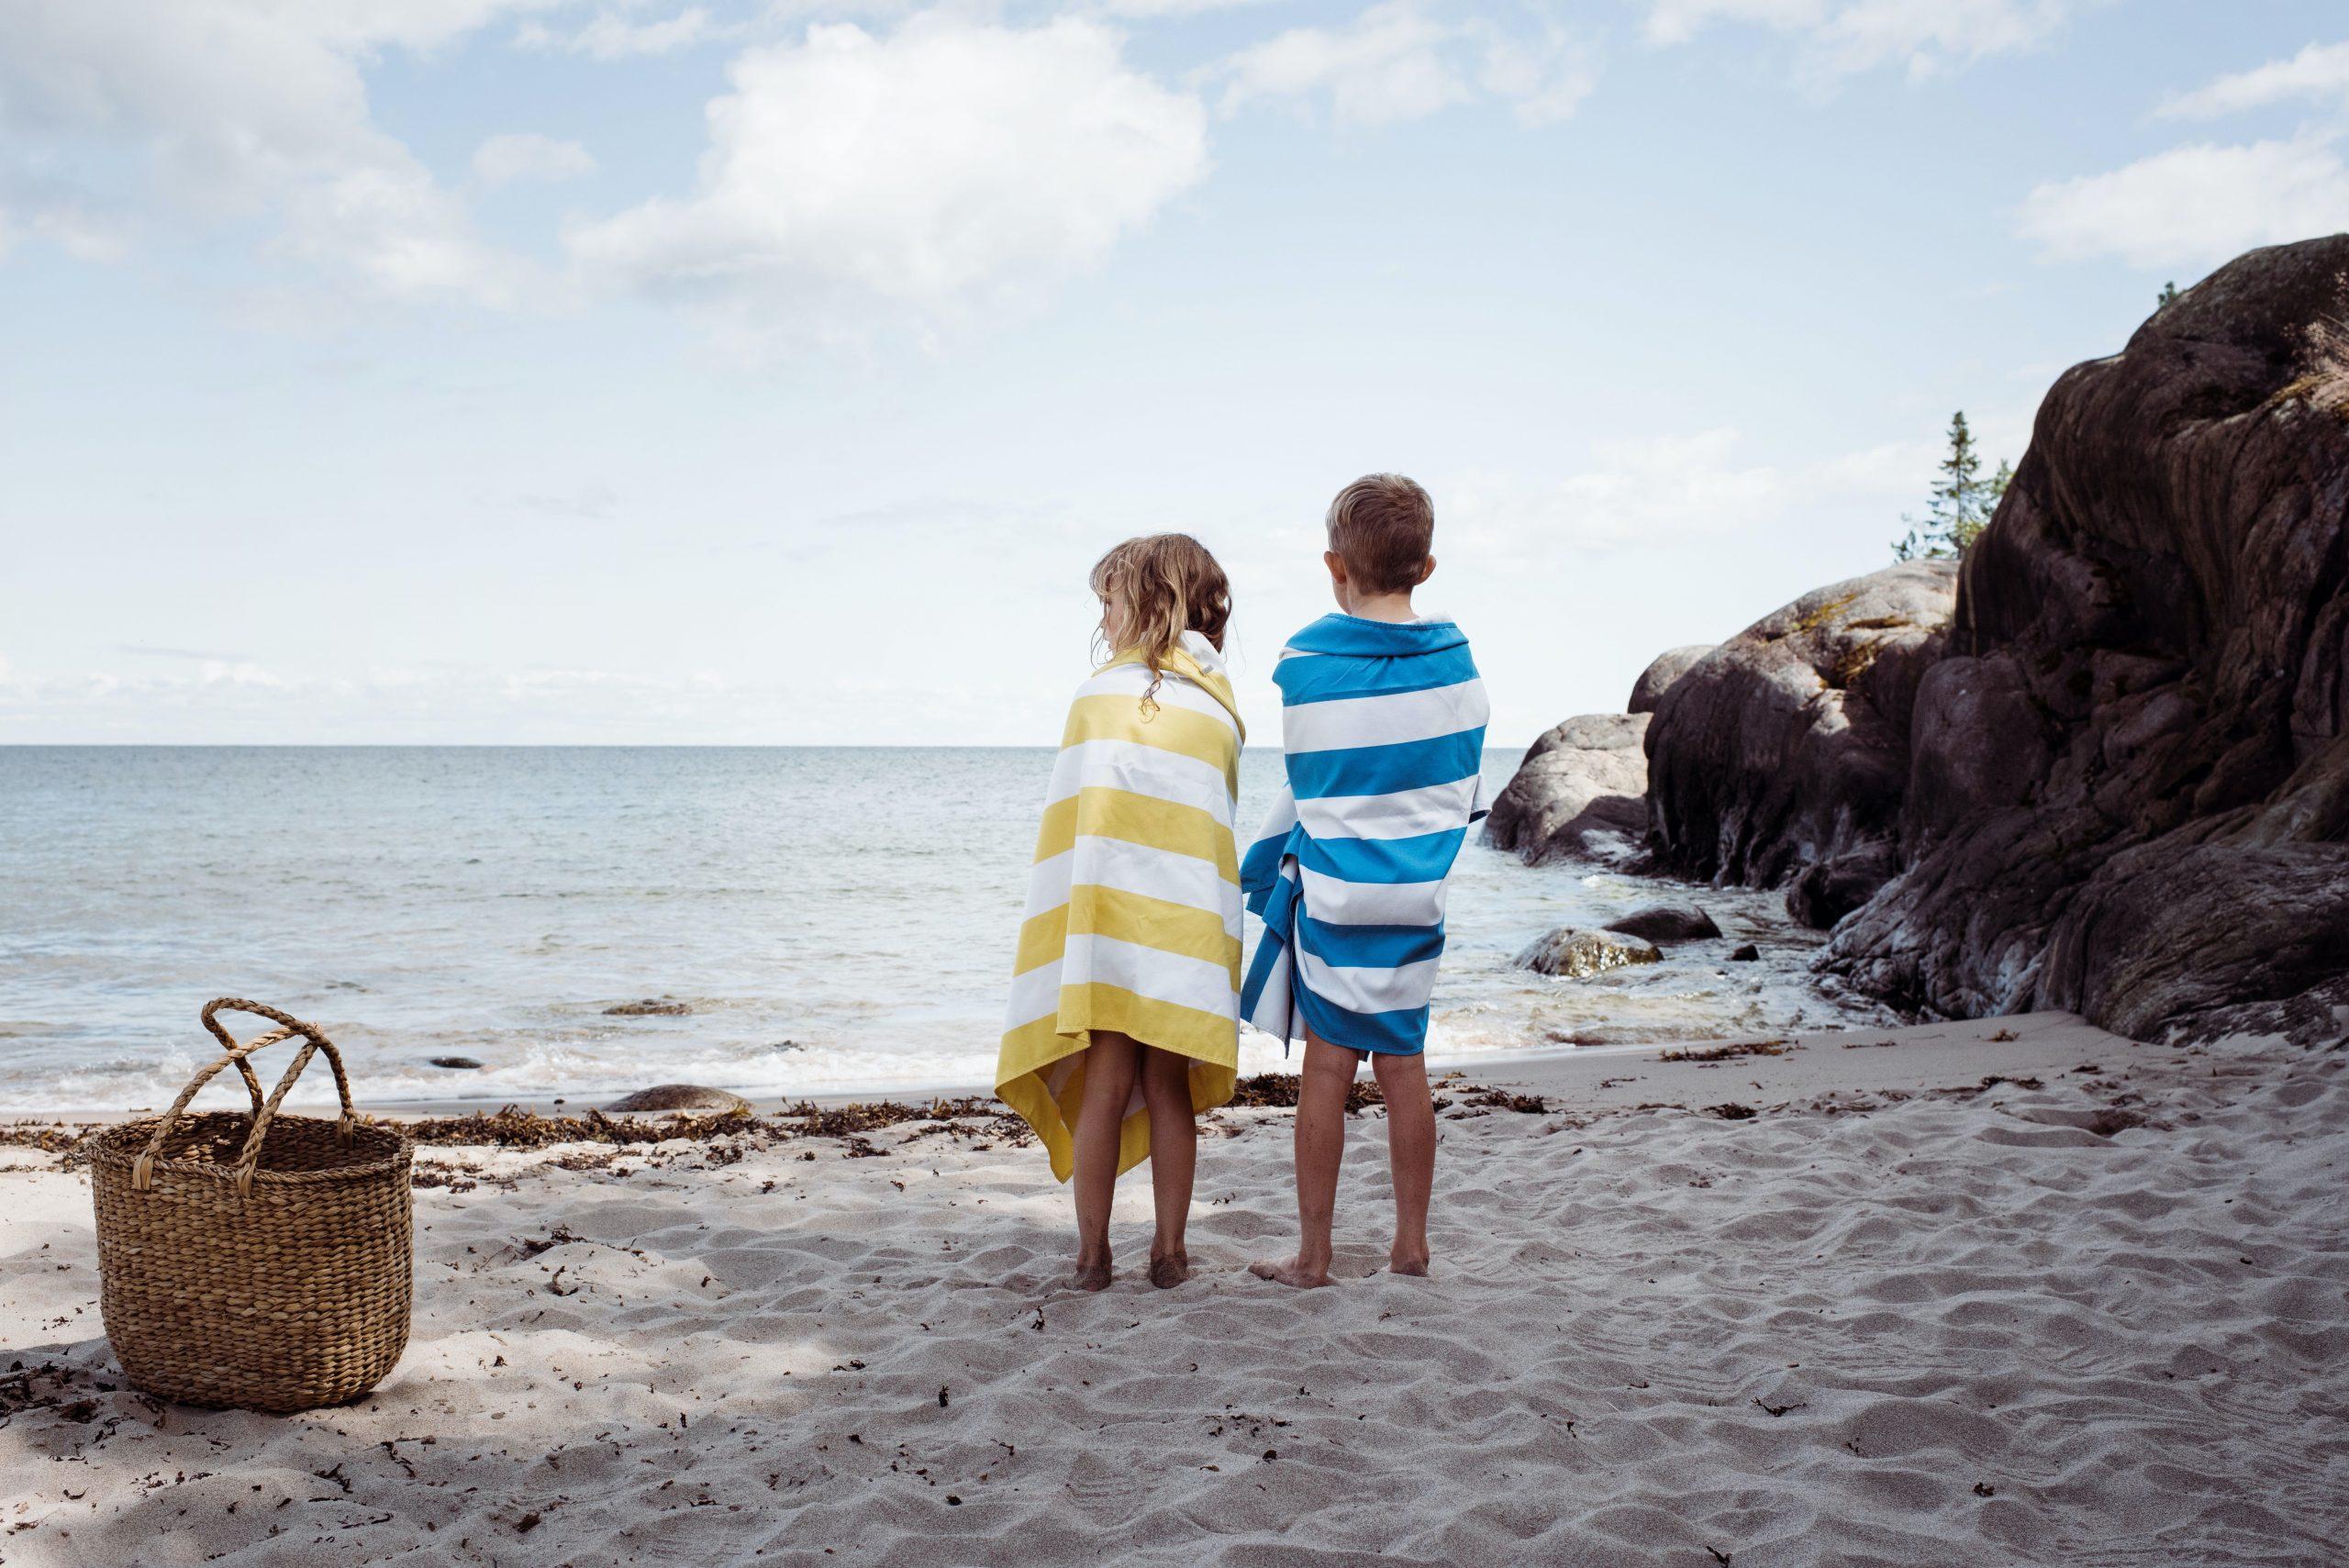 Deux jeunes enfants enveloppés dans des serviettes à la plage.